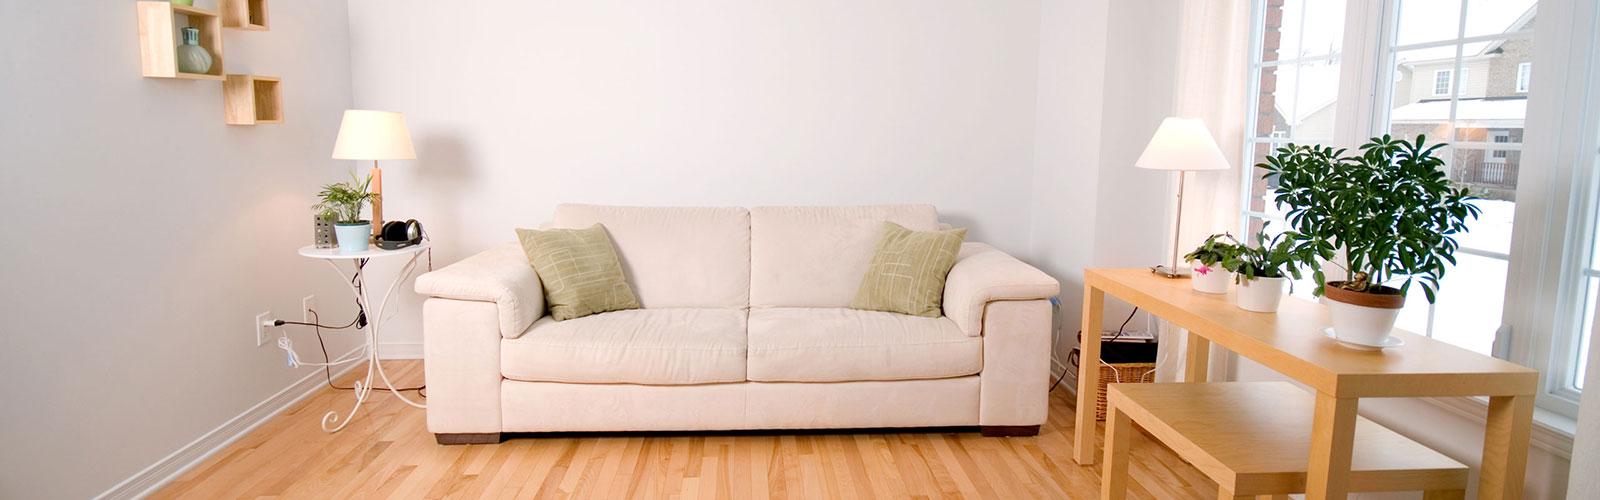 Wohnzimmer helle Couch